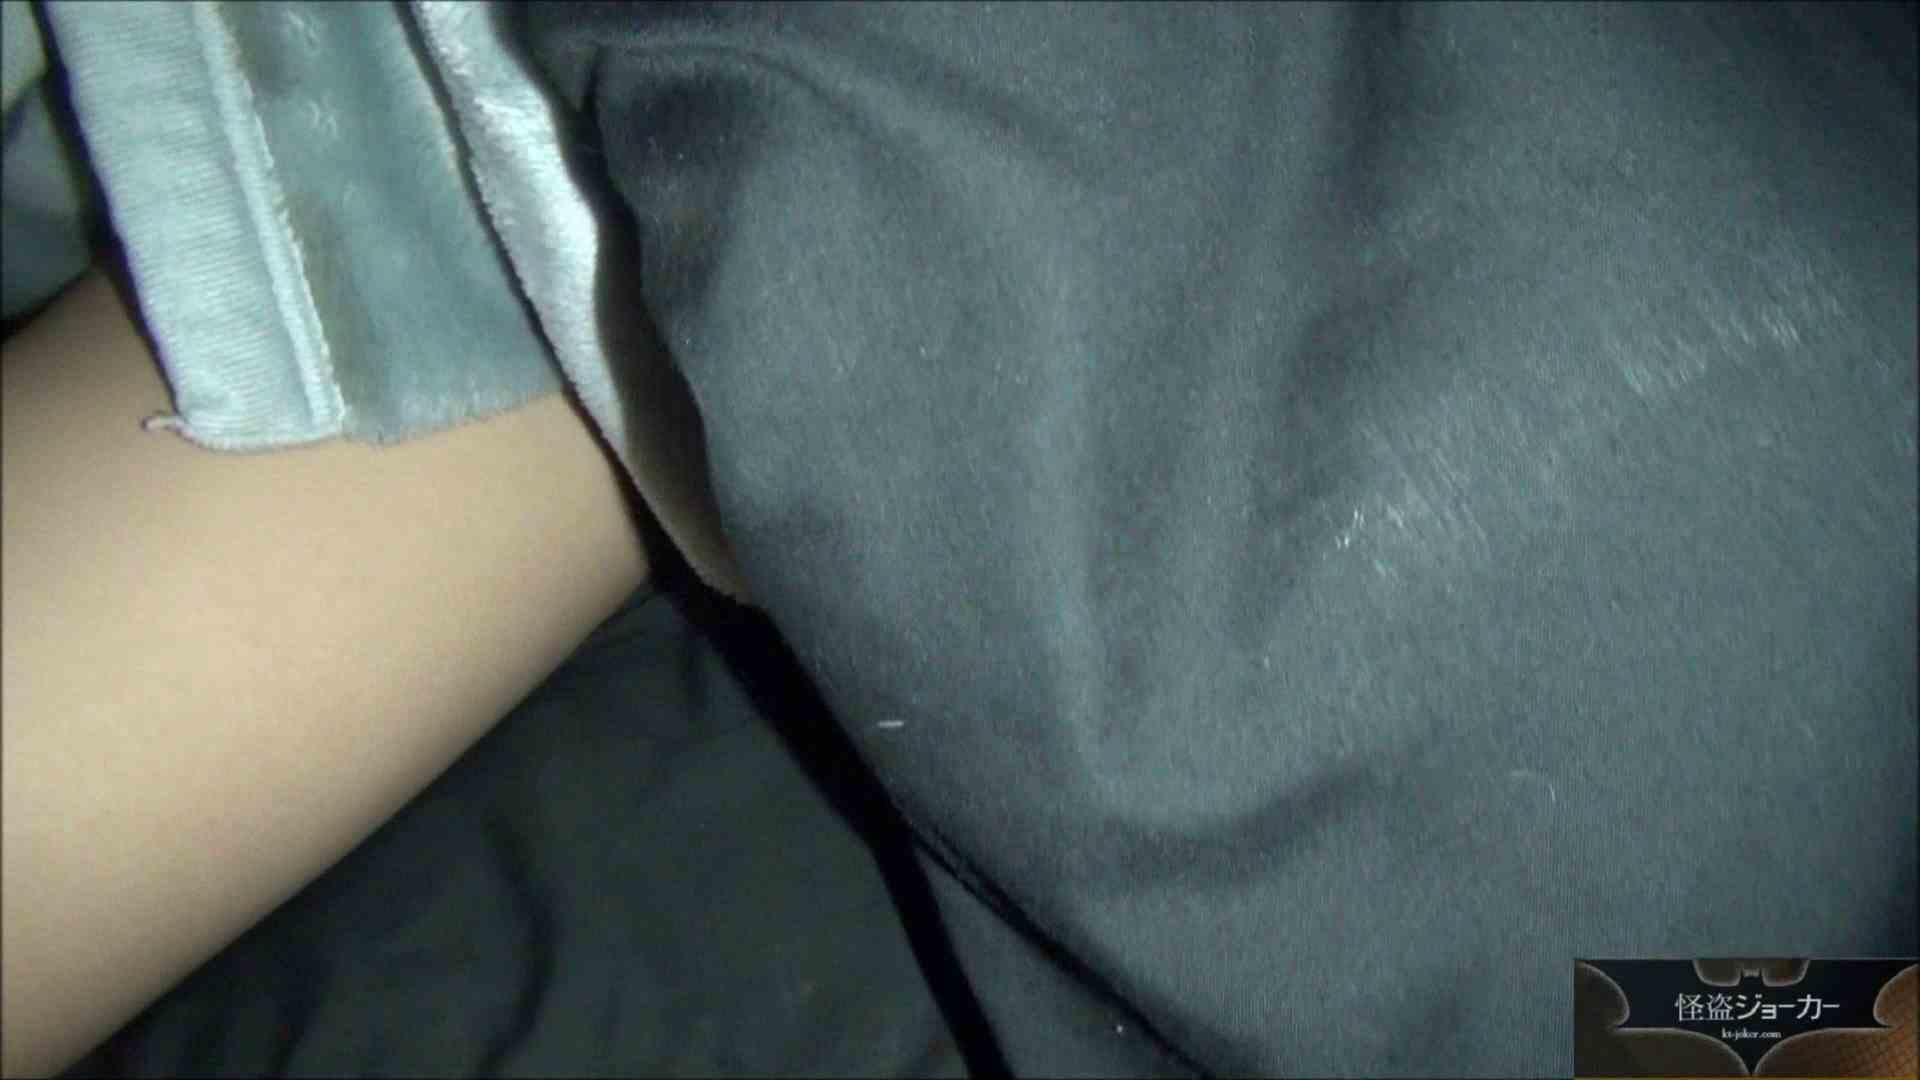 【未公開】vol.19 女末のはしゃぐ姿・・・そして戯びのつもりが思いもよらぬ失態 ギャル攻め 濡れ場動画紹介 55画像 2